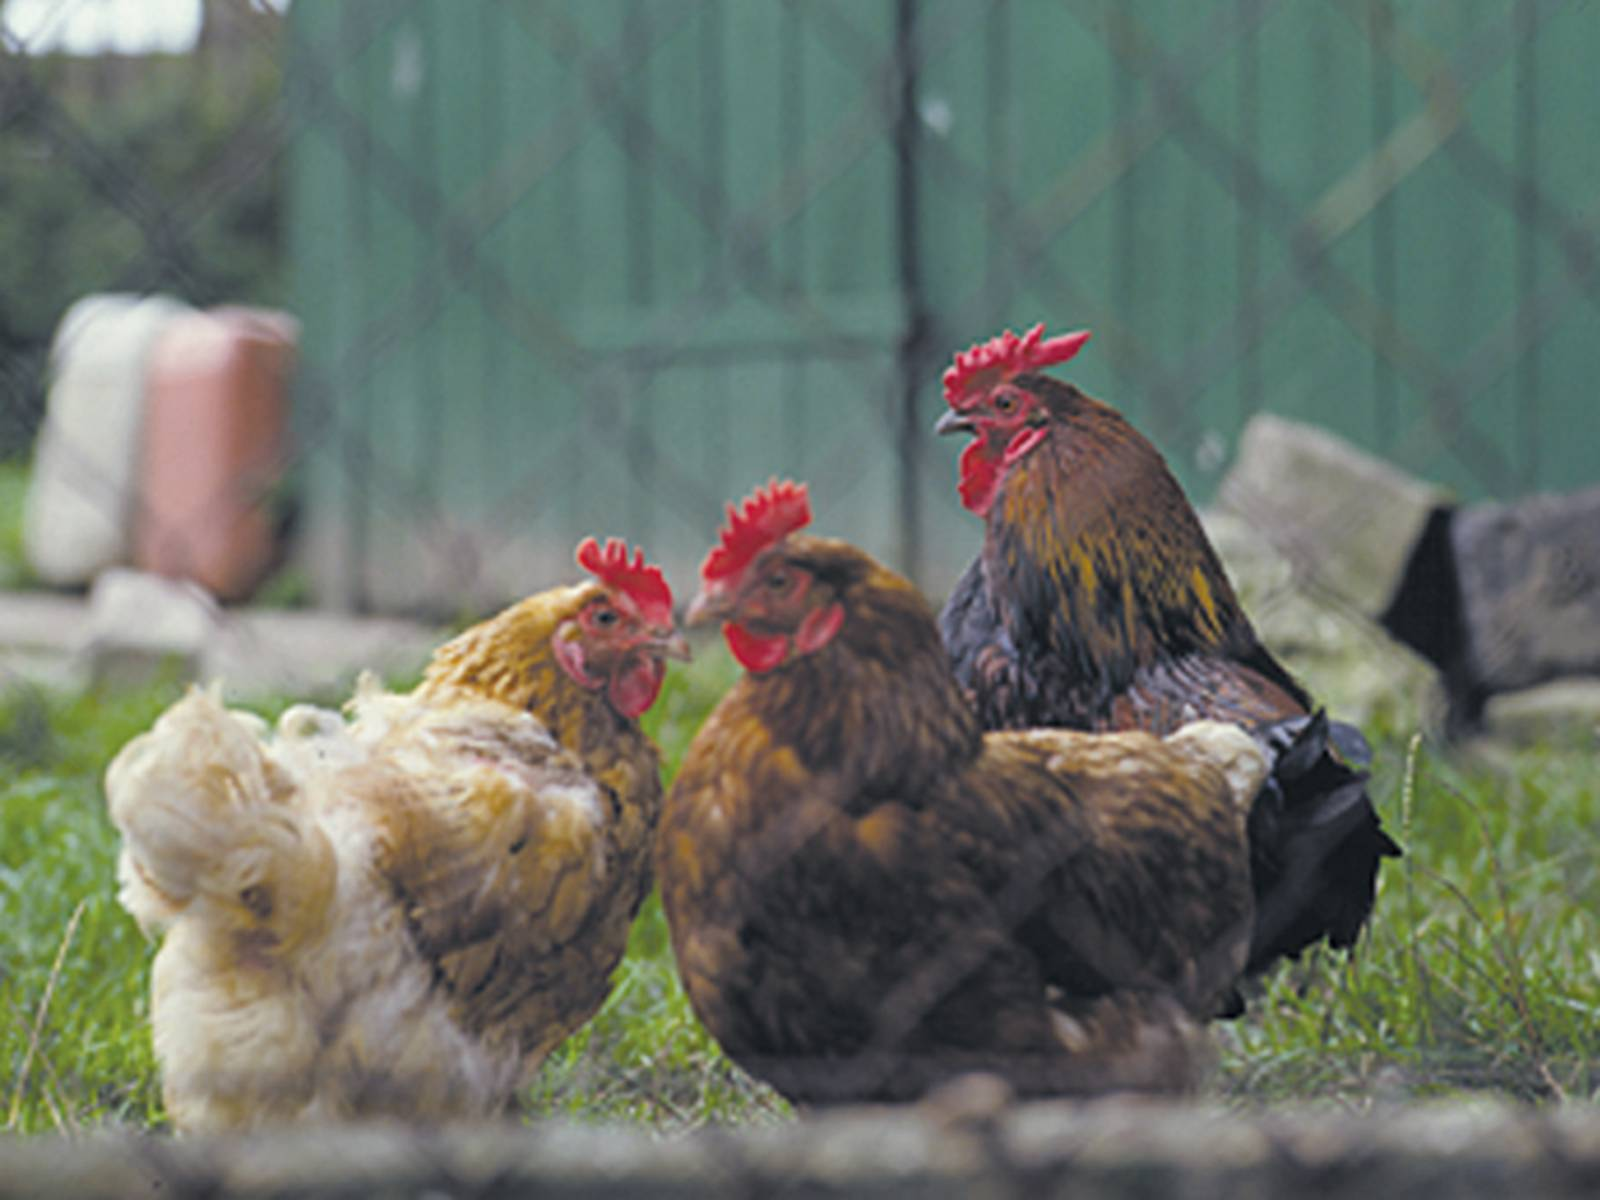 Hühner auf einer eingezäunten Wiese, im Hintergrund eine größere Holztür